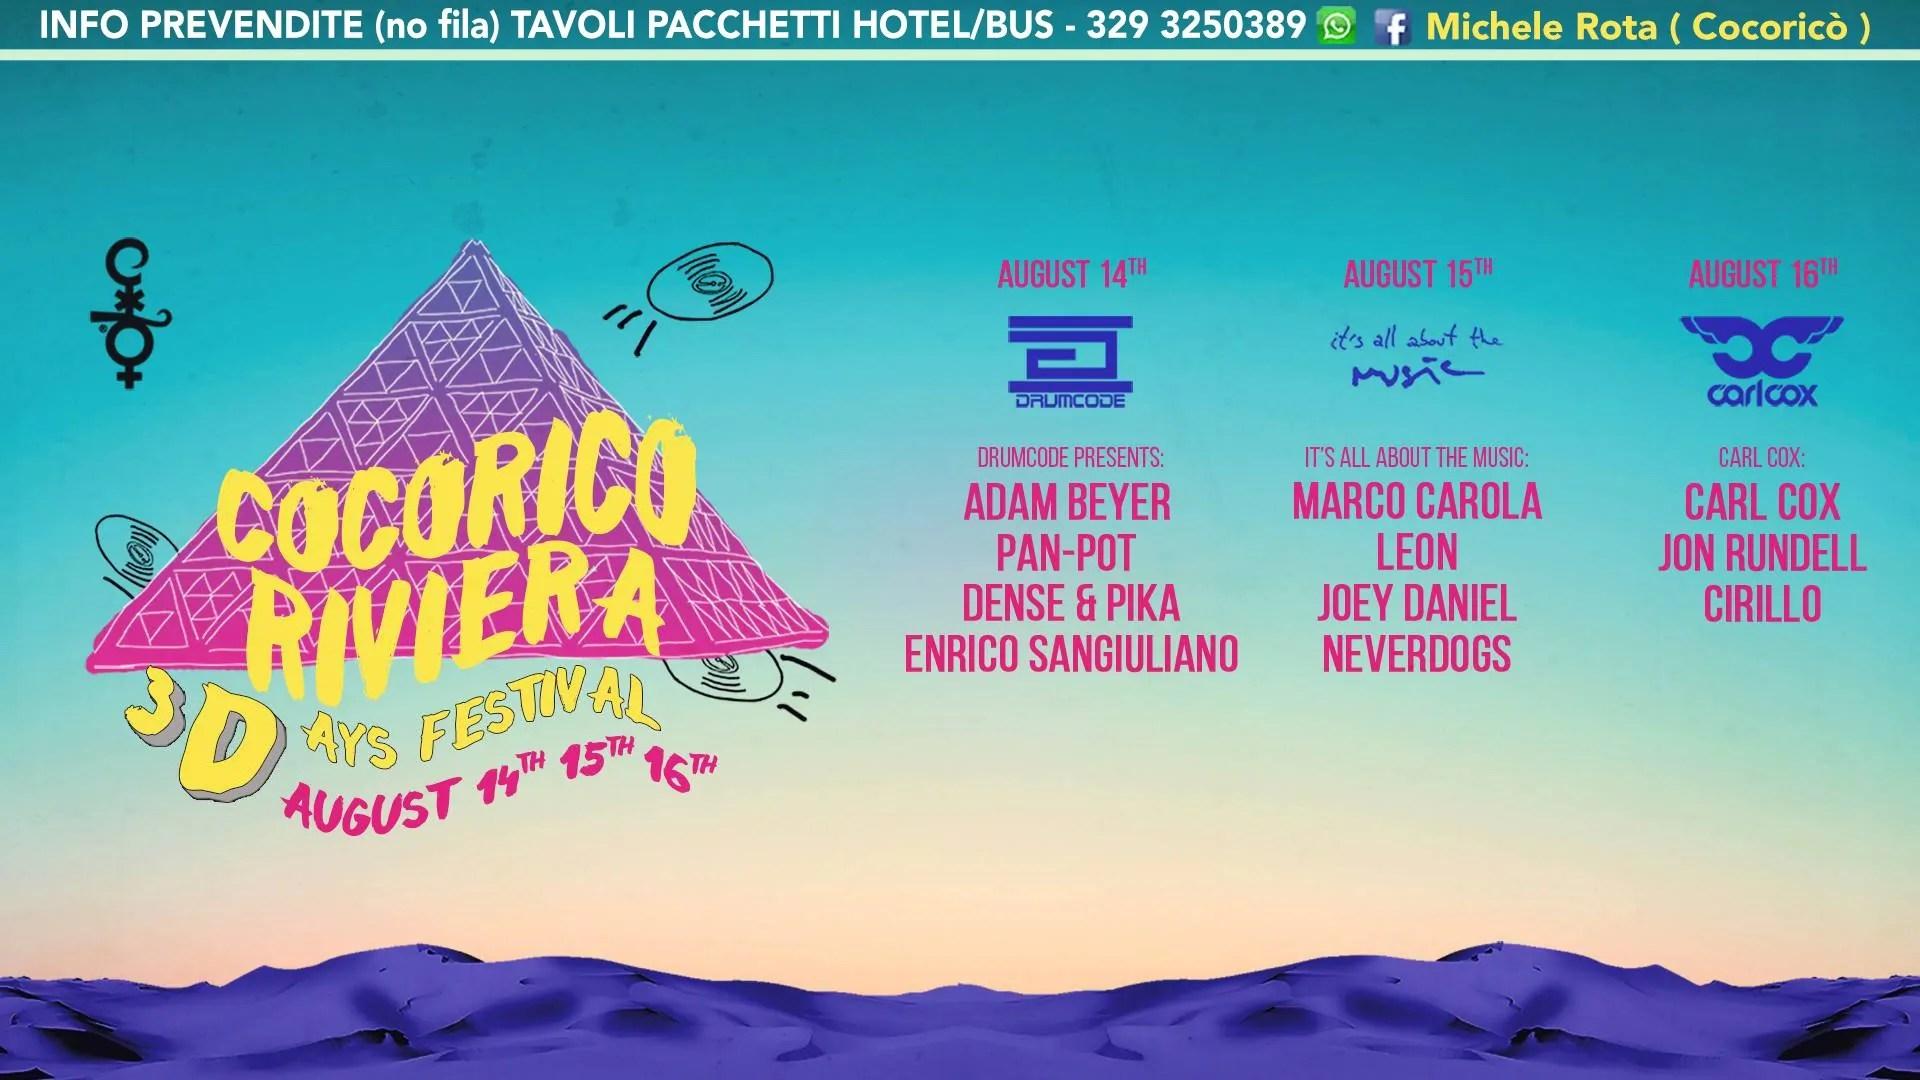 Ferragosto Cocoricò Riccione con 3DAYS FESTIVAL Ticket Pacchetti Hotel